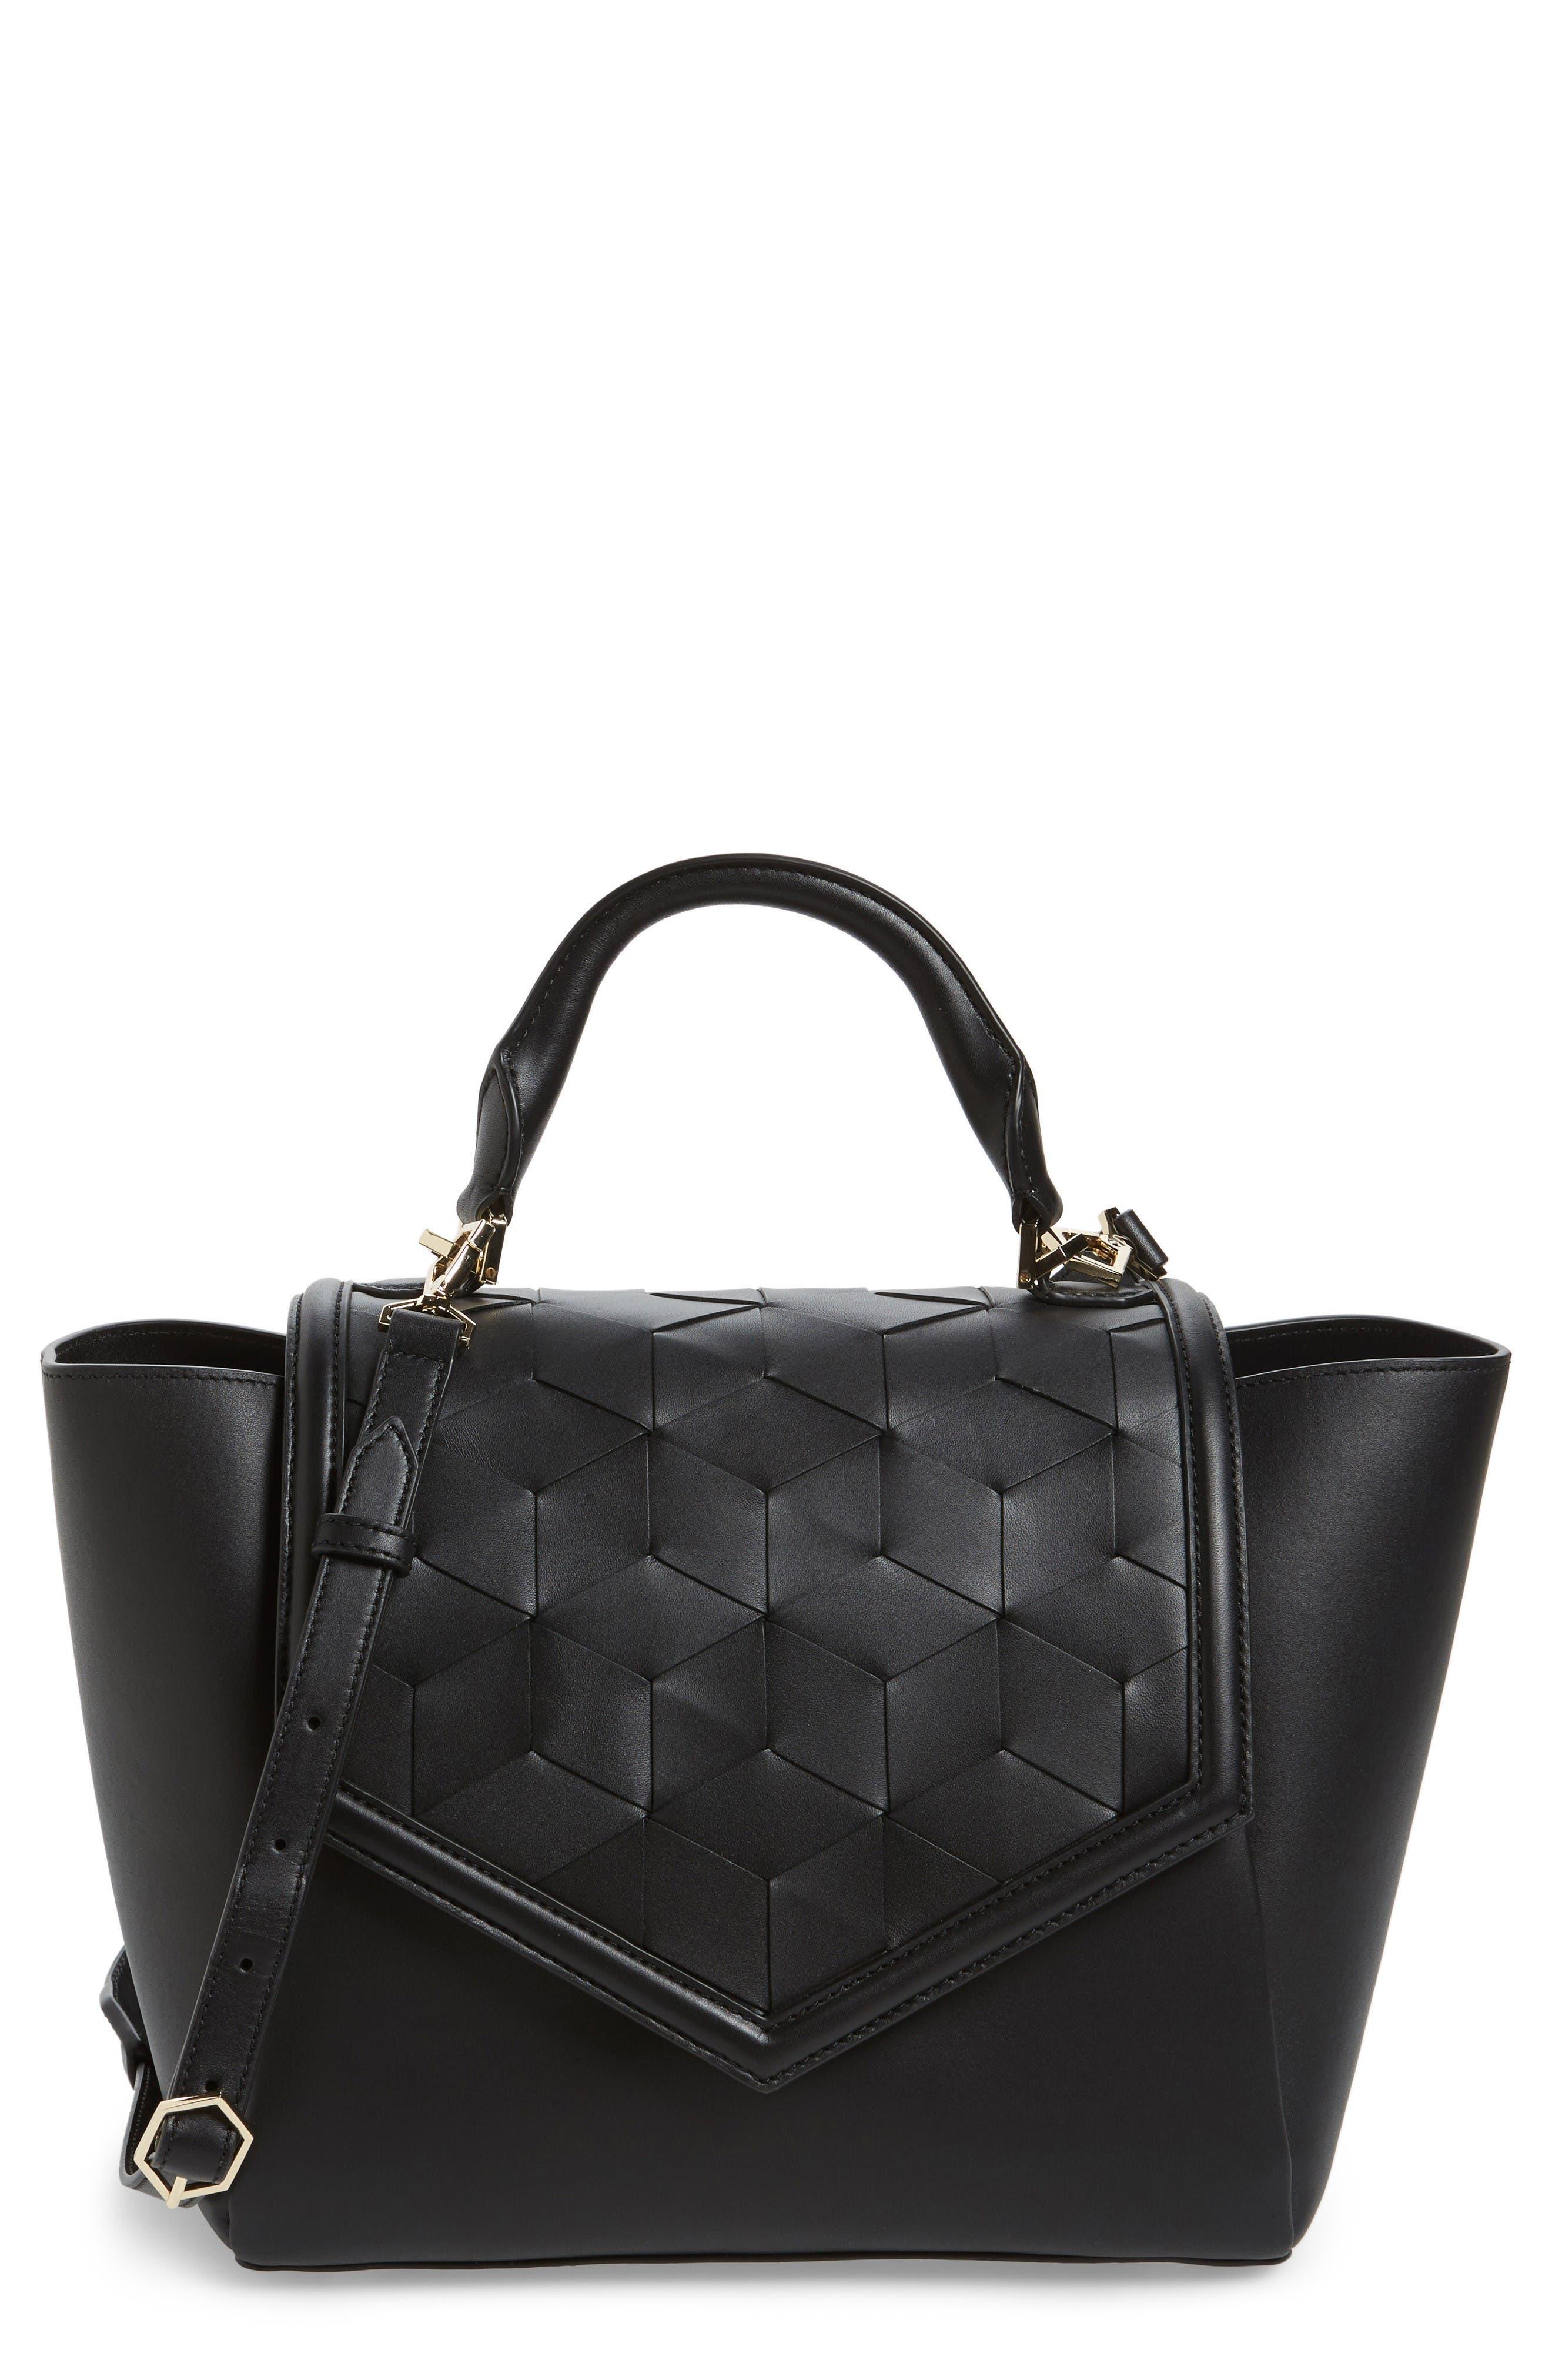 WELDEN Saunter Calfskin Leather Top Handle Satchel